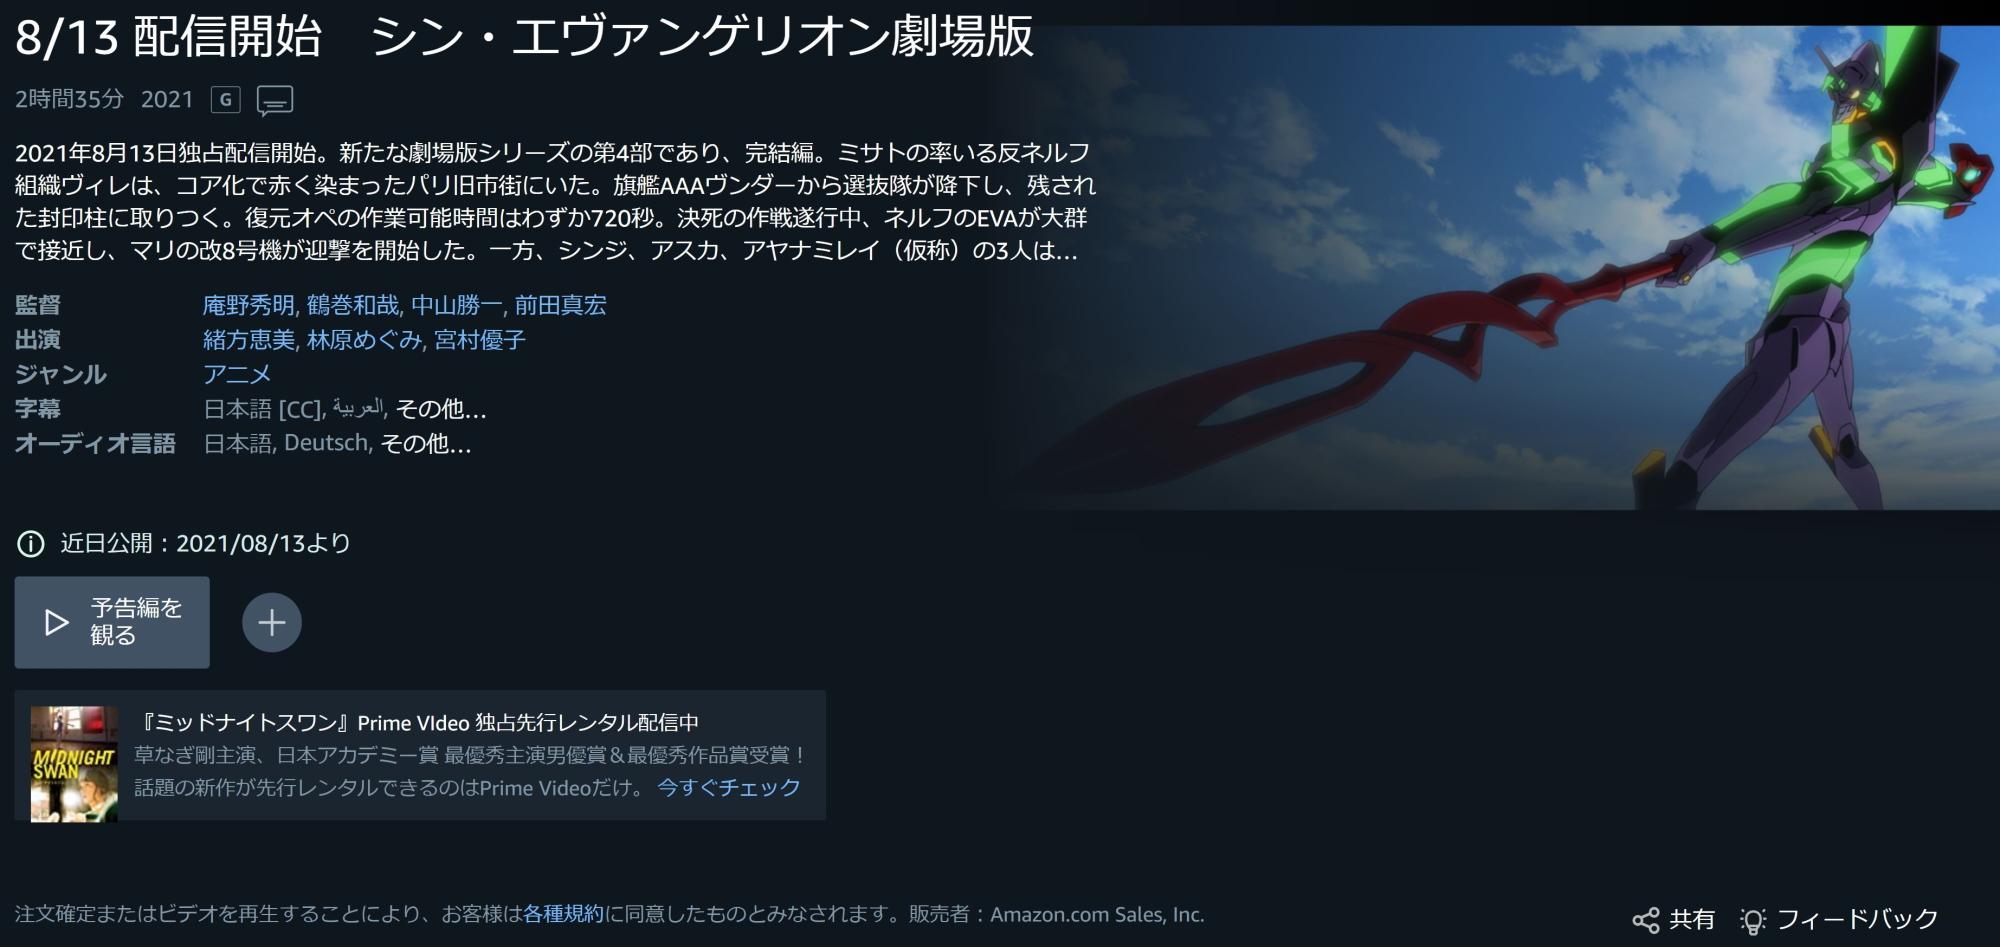 f:id:otaku4160:20210720220546j:plain